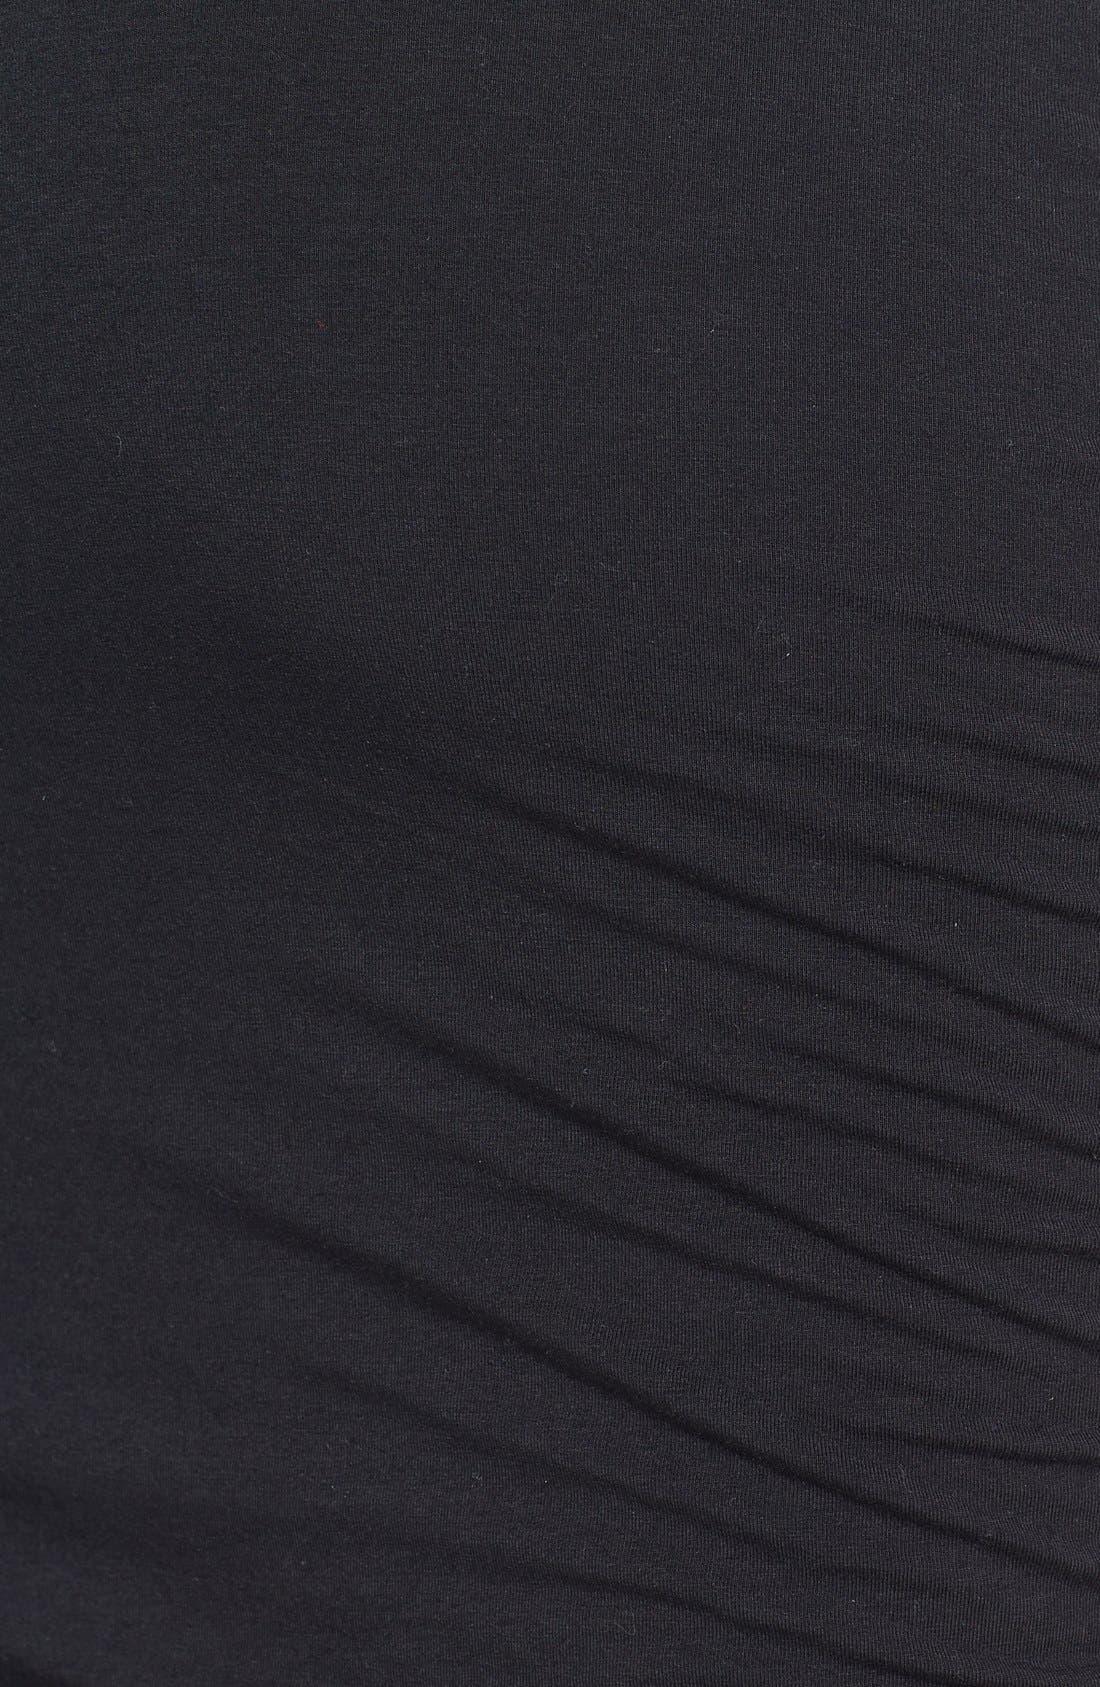 Alternate Image 3  - Splendid Side Ruched Skirt